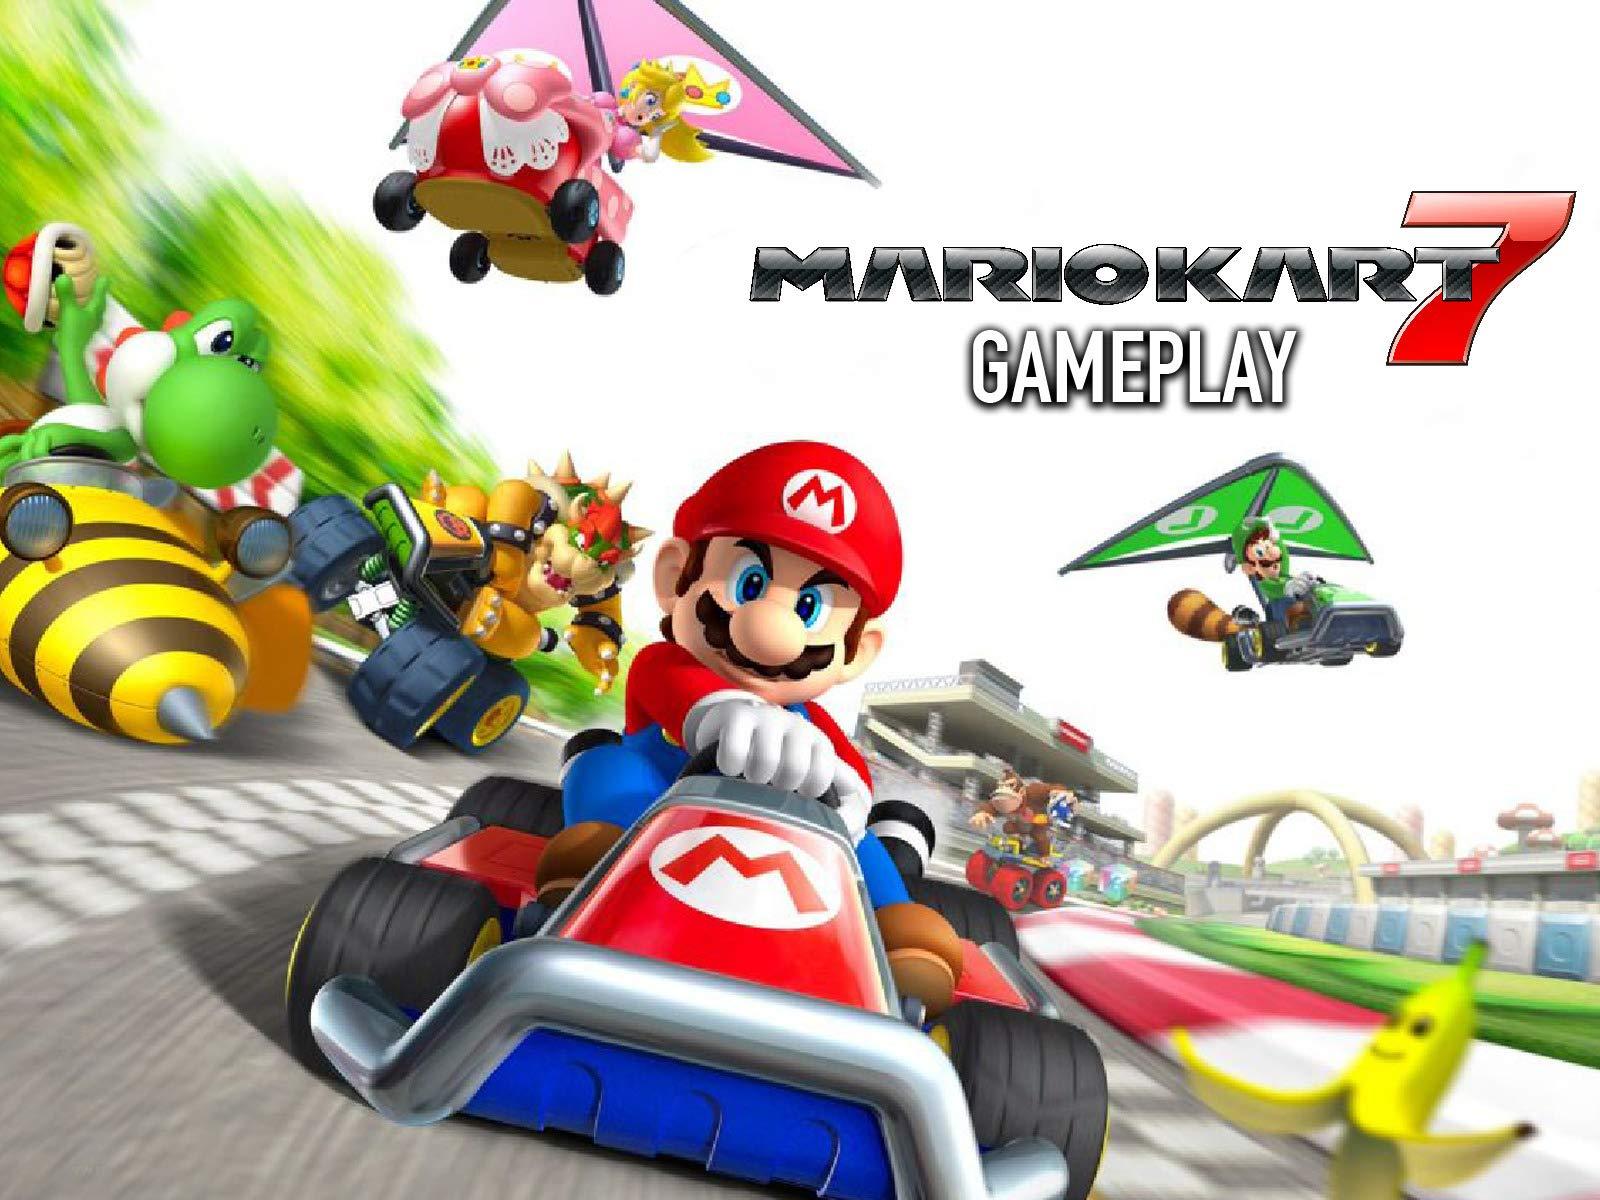 Mario Kart 7 Gameplay